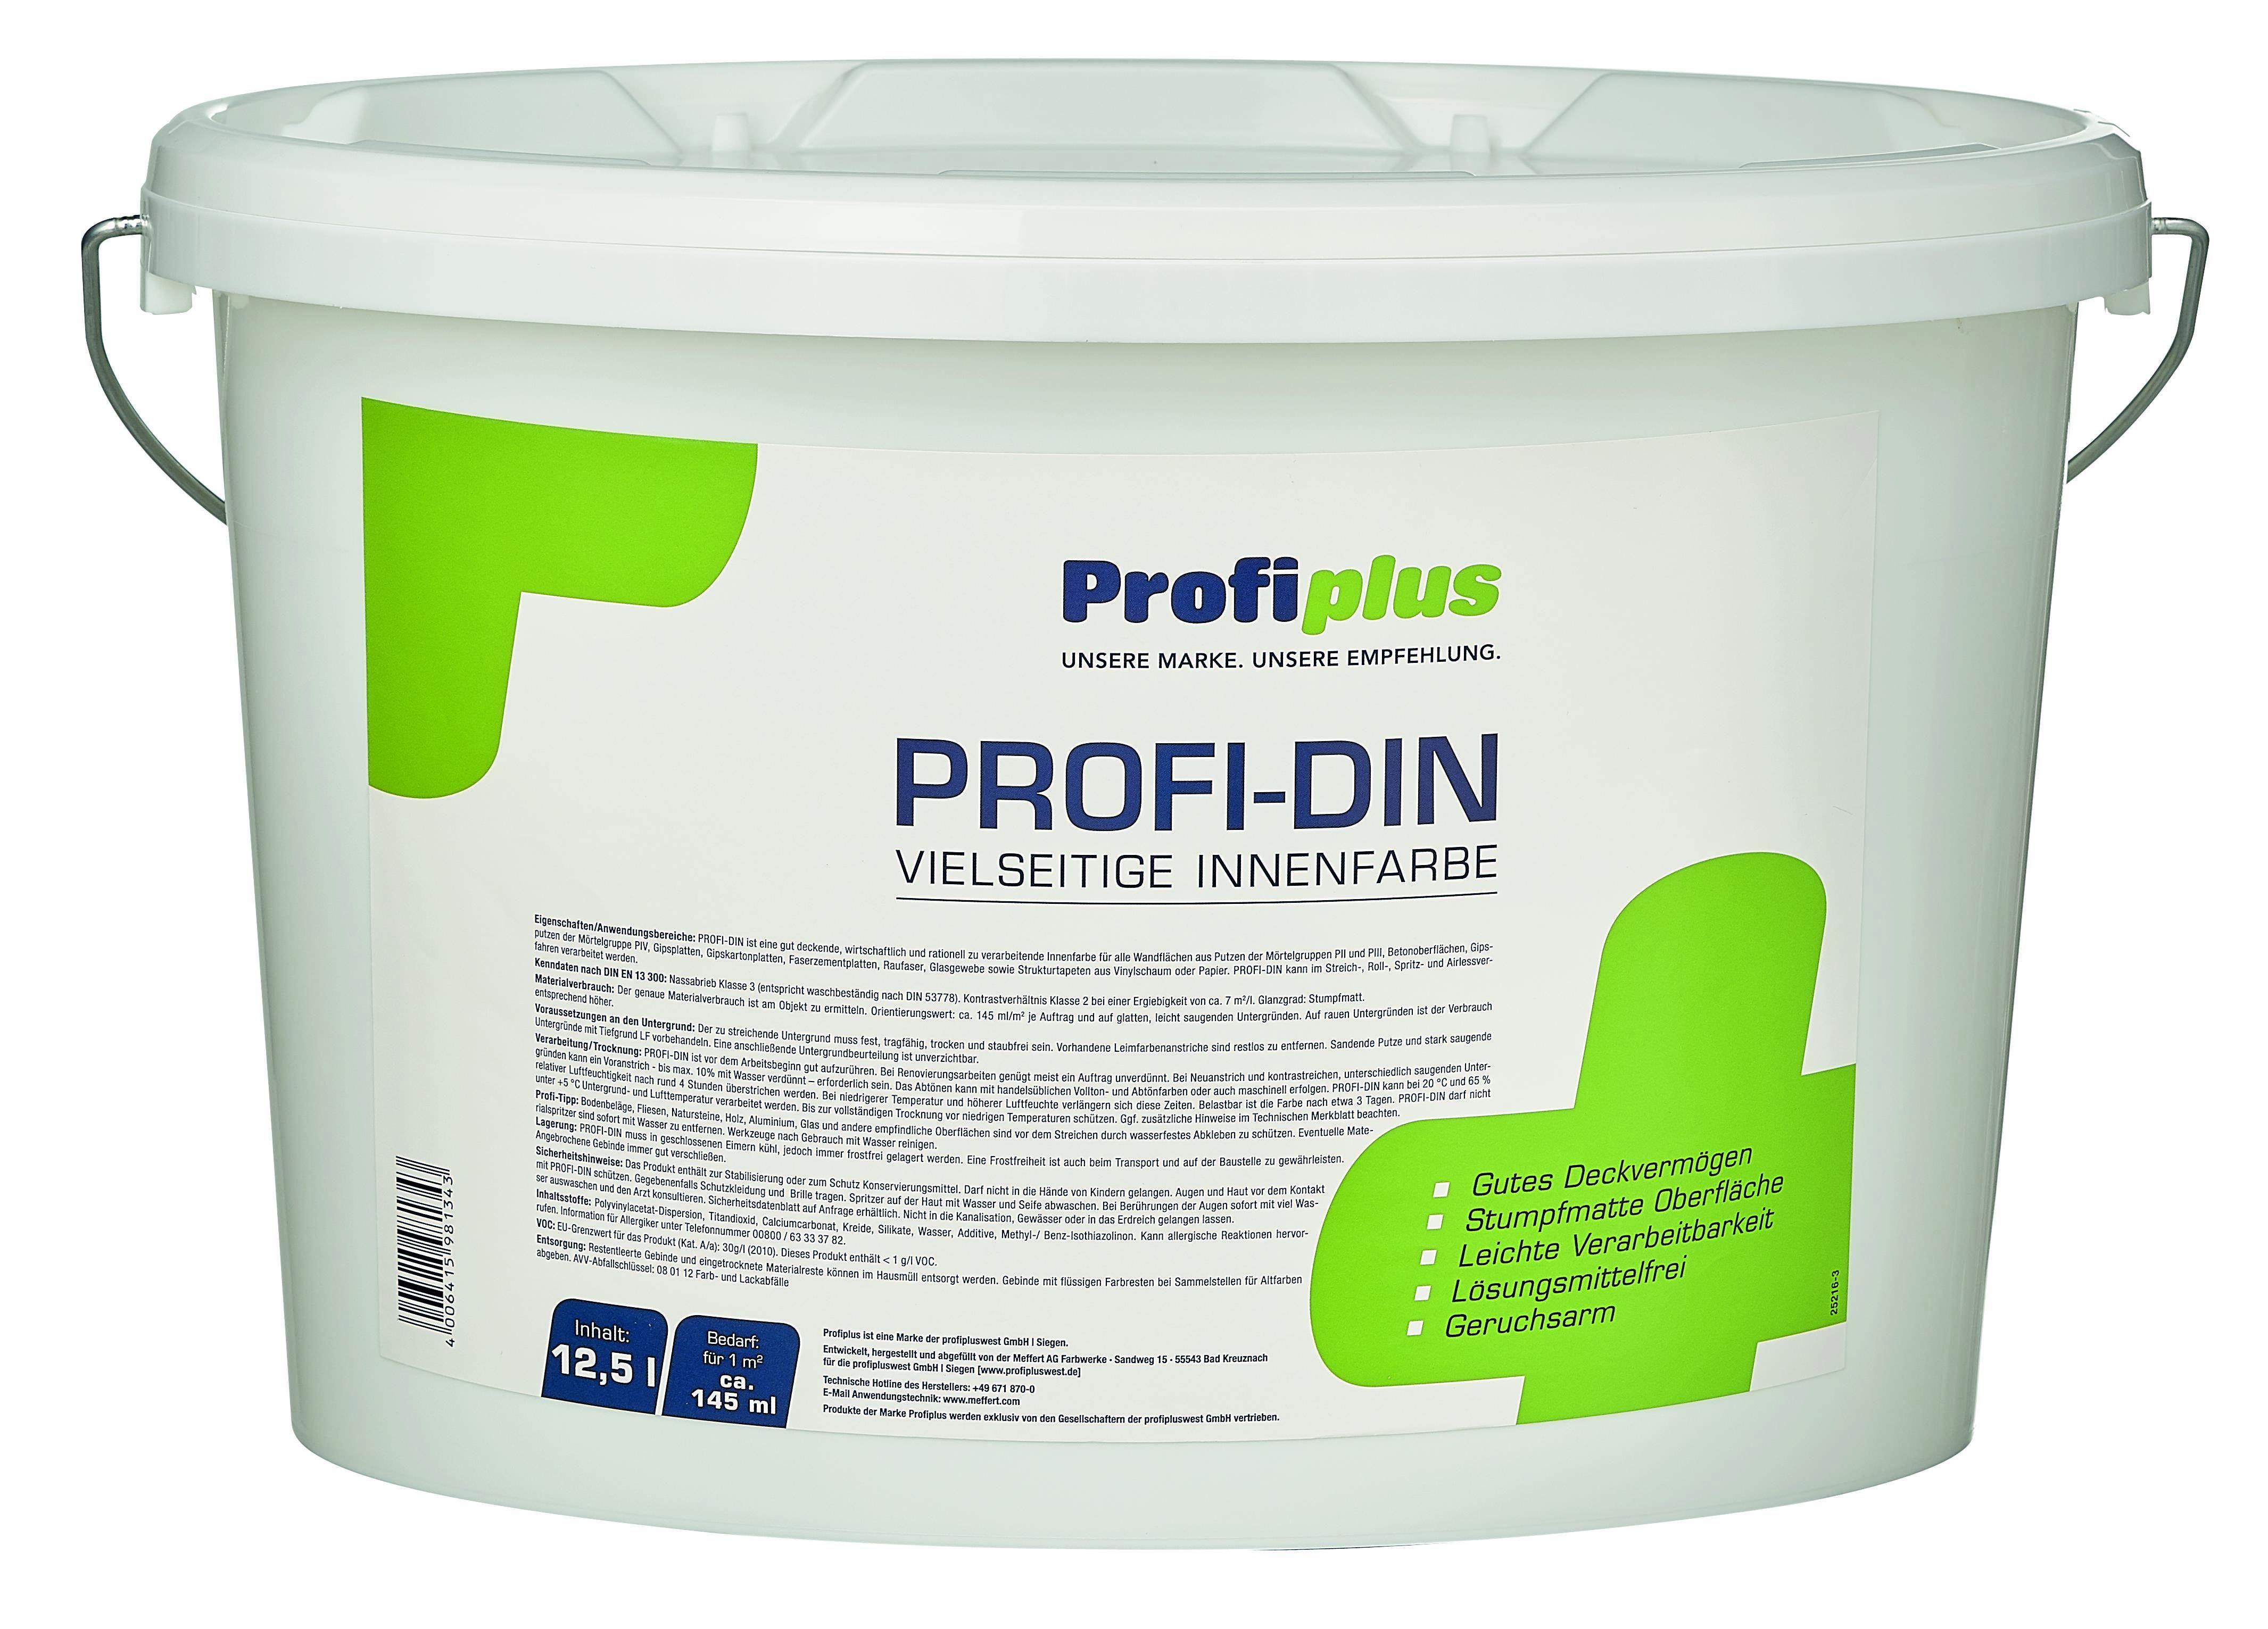 Profiplus Innenraumfarbe DIN weiß 12,5l